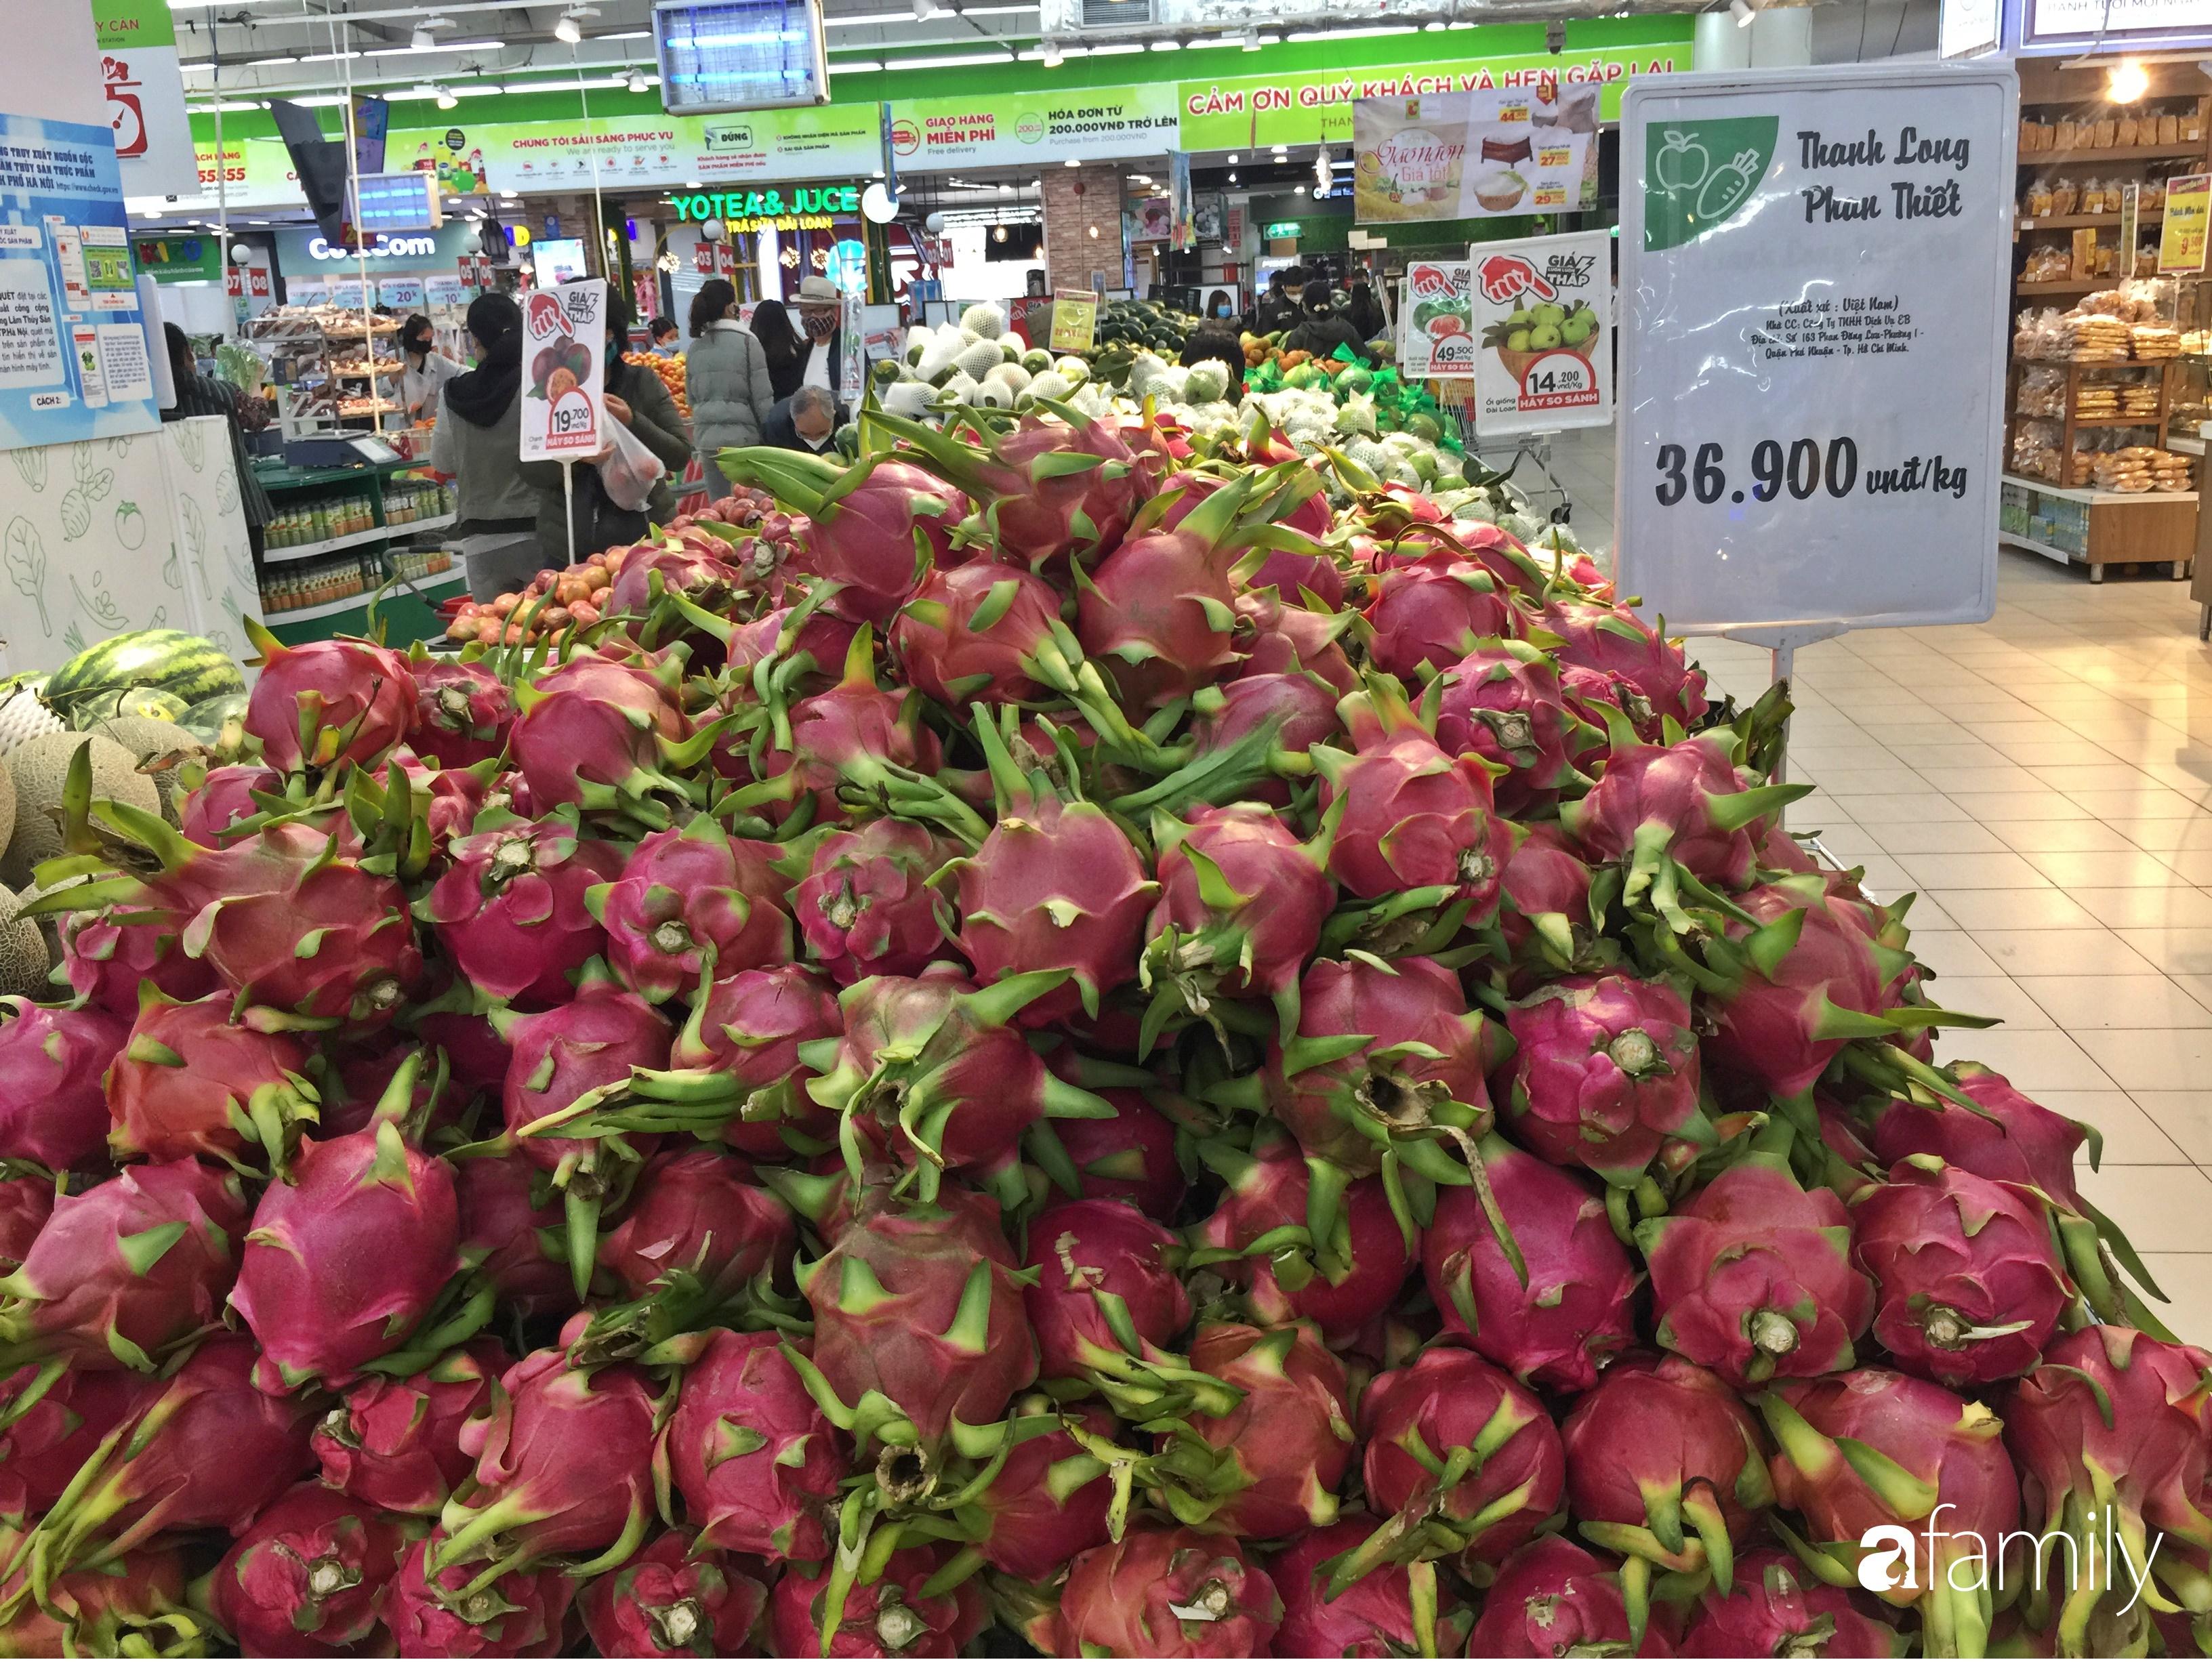 Hà Nội: Người tiêu dùng đổ xô đi mua bánh mì thanh long do hương vị giòn xốp ngậy mà giá rẻ chỉ bằng 1/3 bánh mì truyền thống - Ảnh 8.